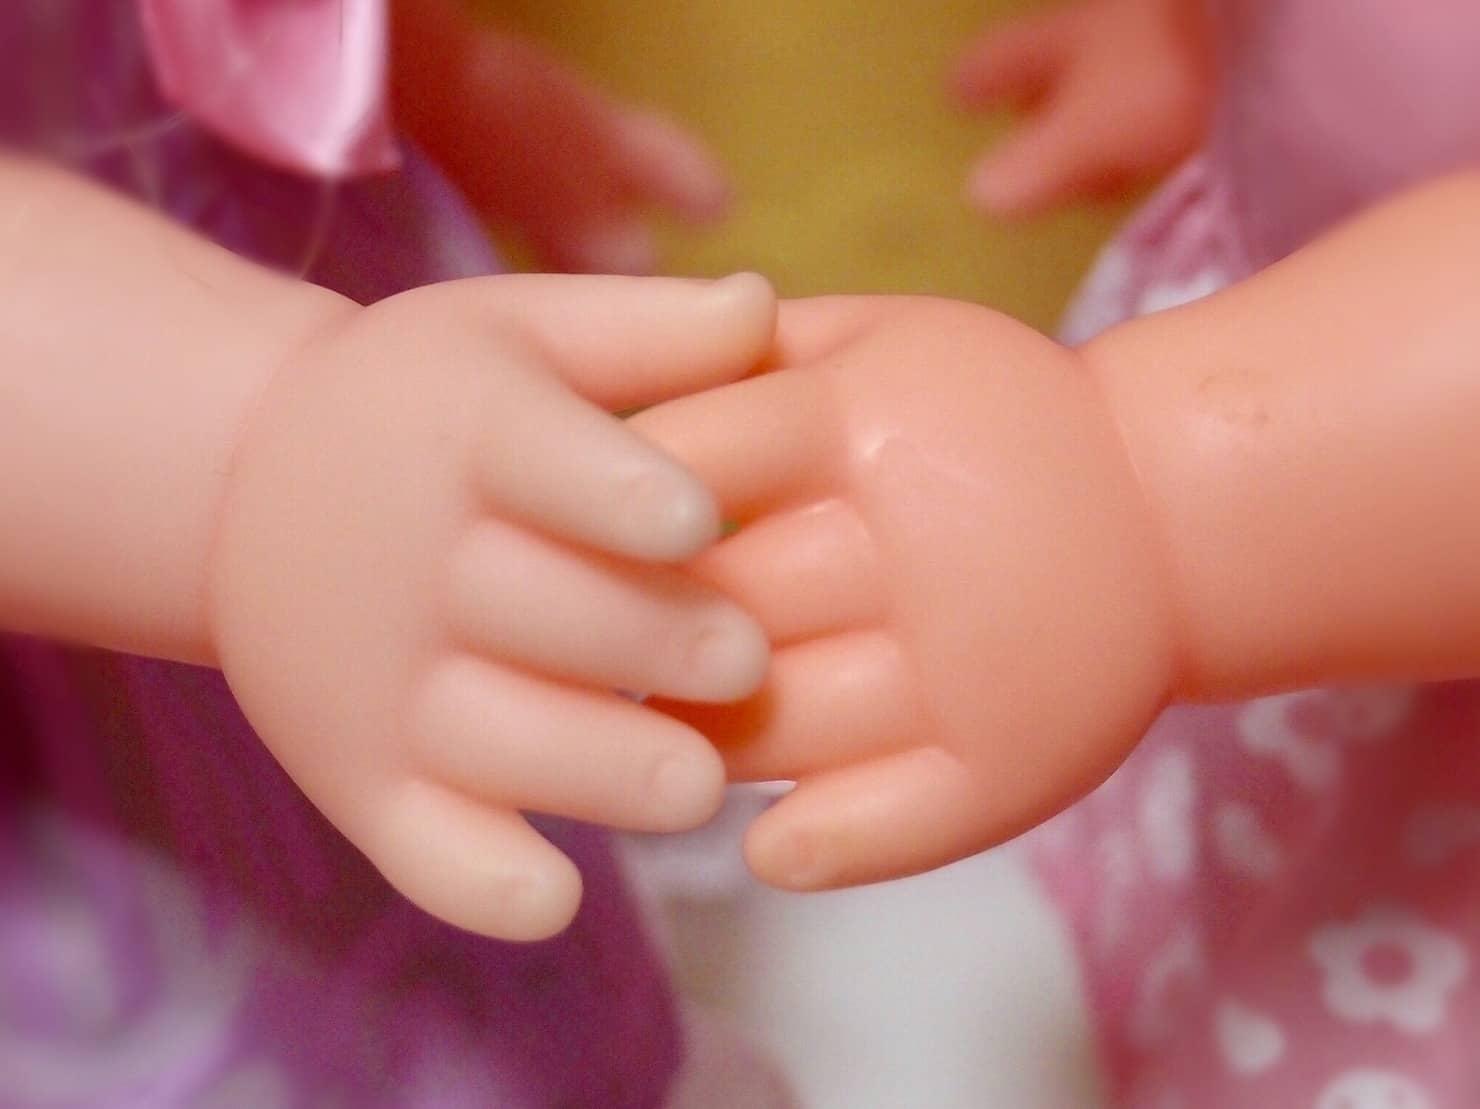 メルちゃん人形のおすすめセットは? お友達やぽぽちゃん人形との比較まで徹底解説